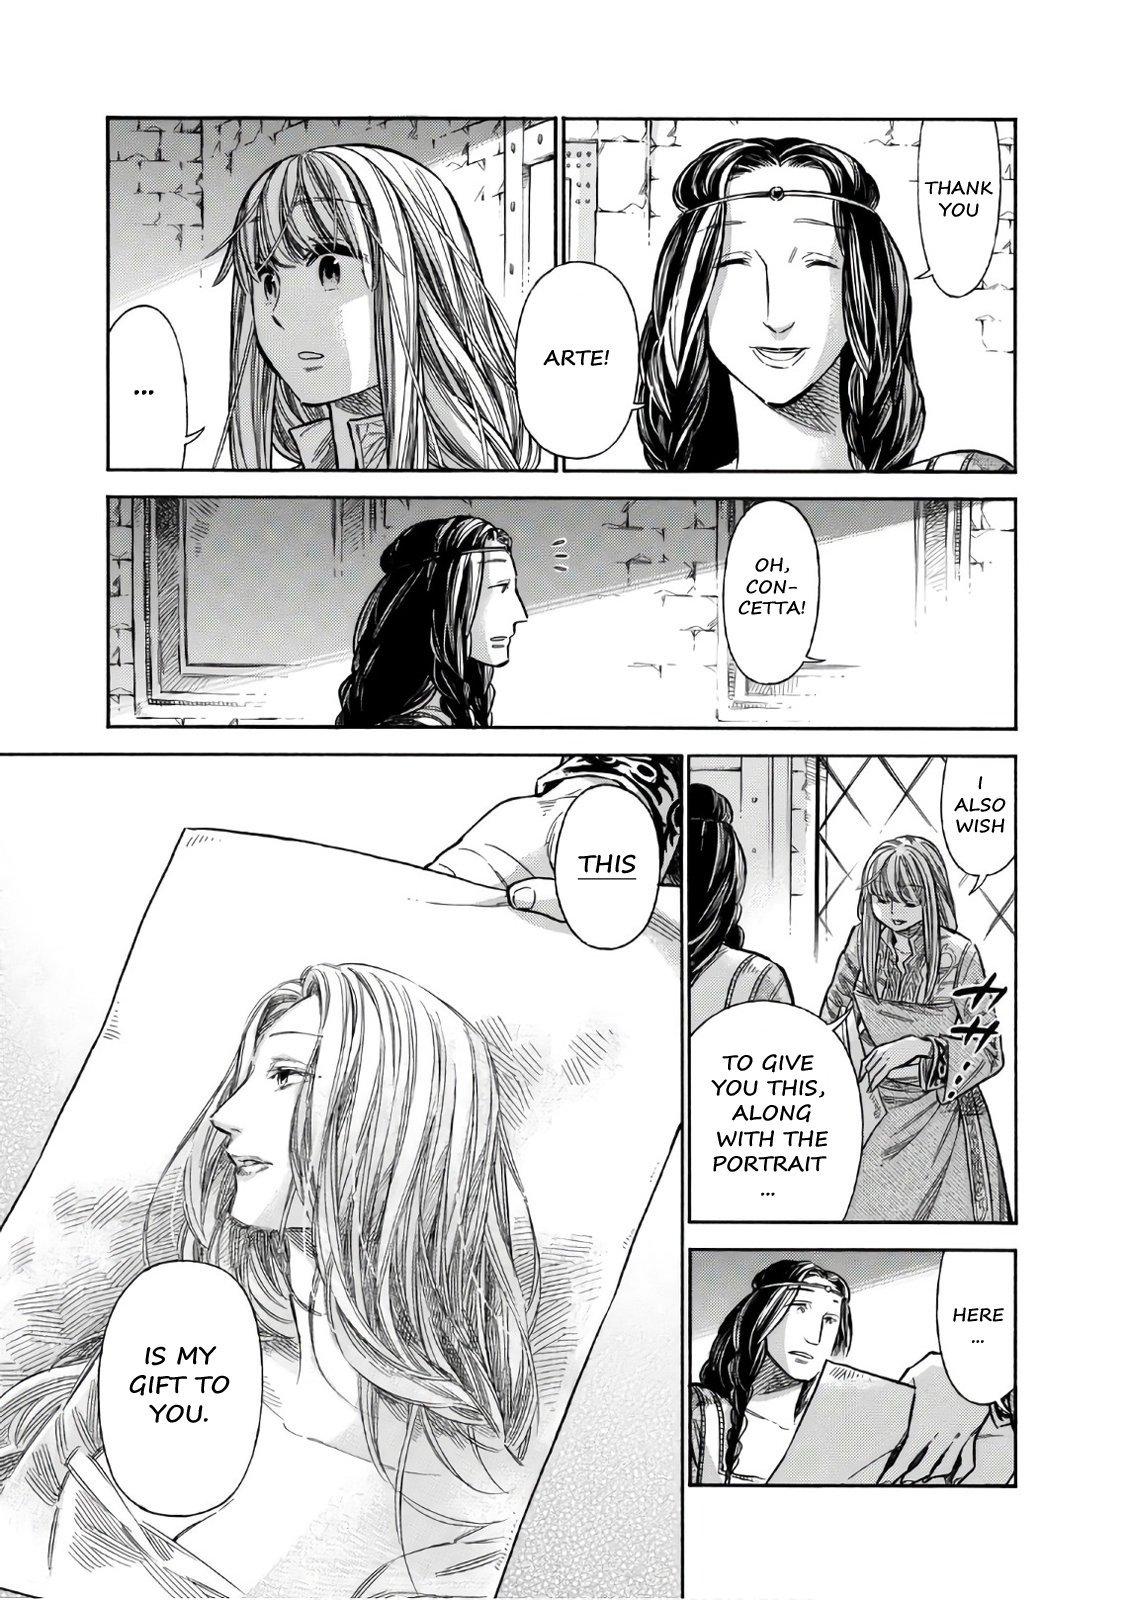 Manga Arte - Chapter 40 Page 28